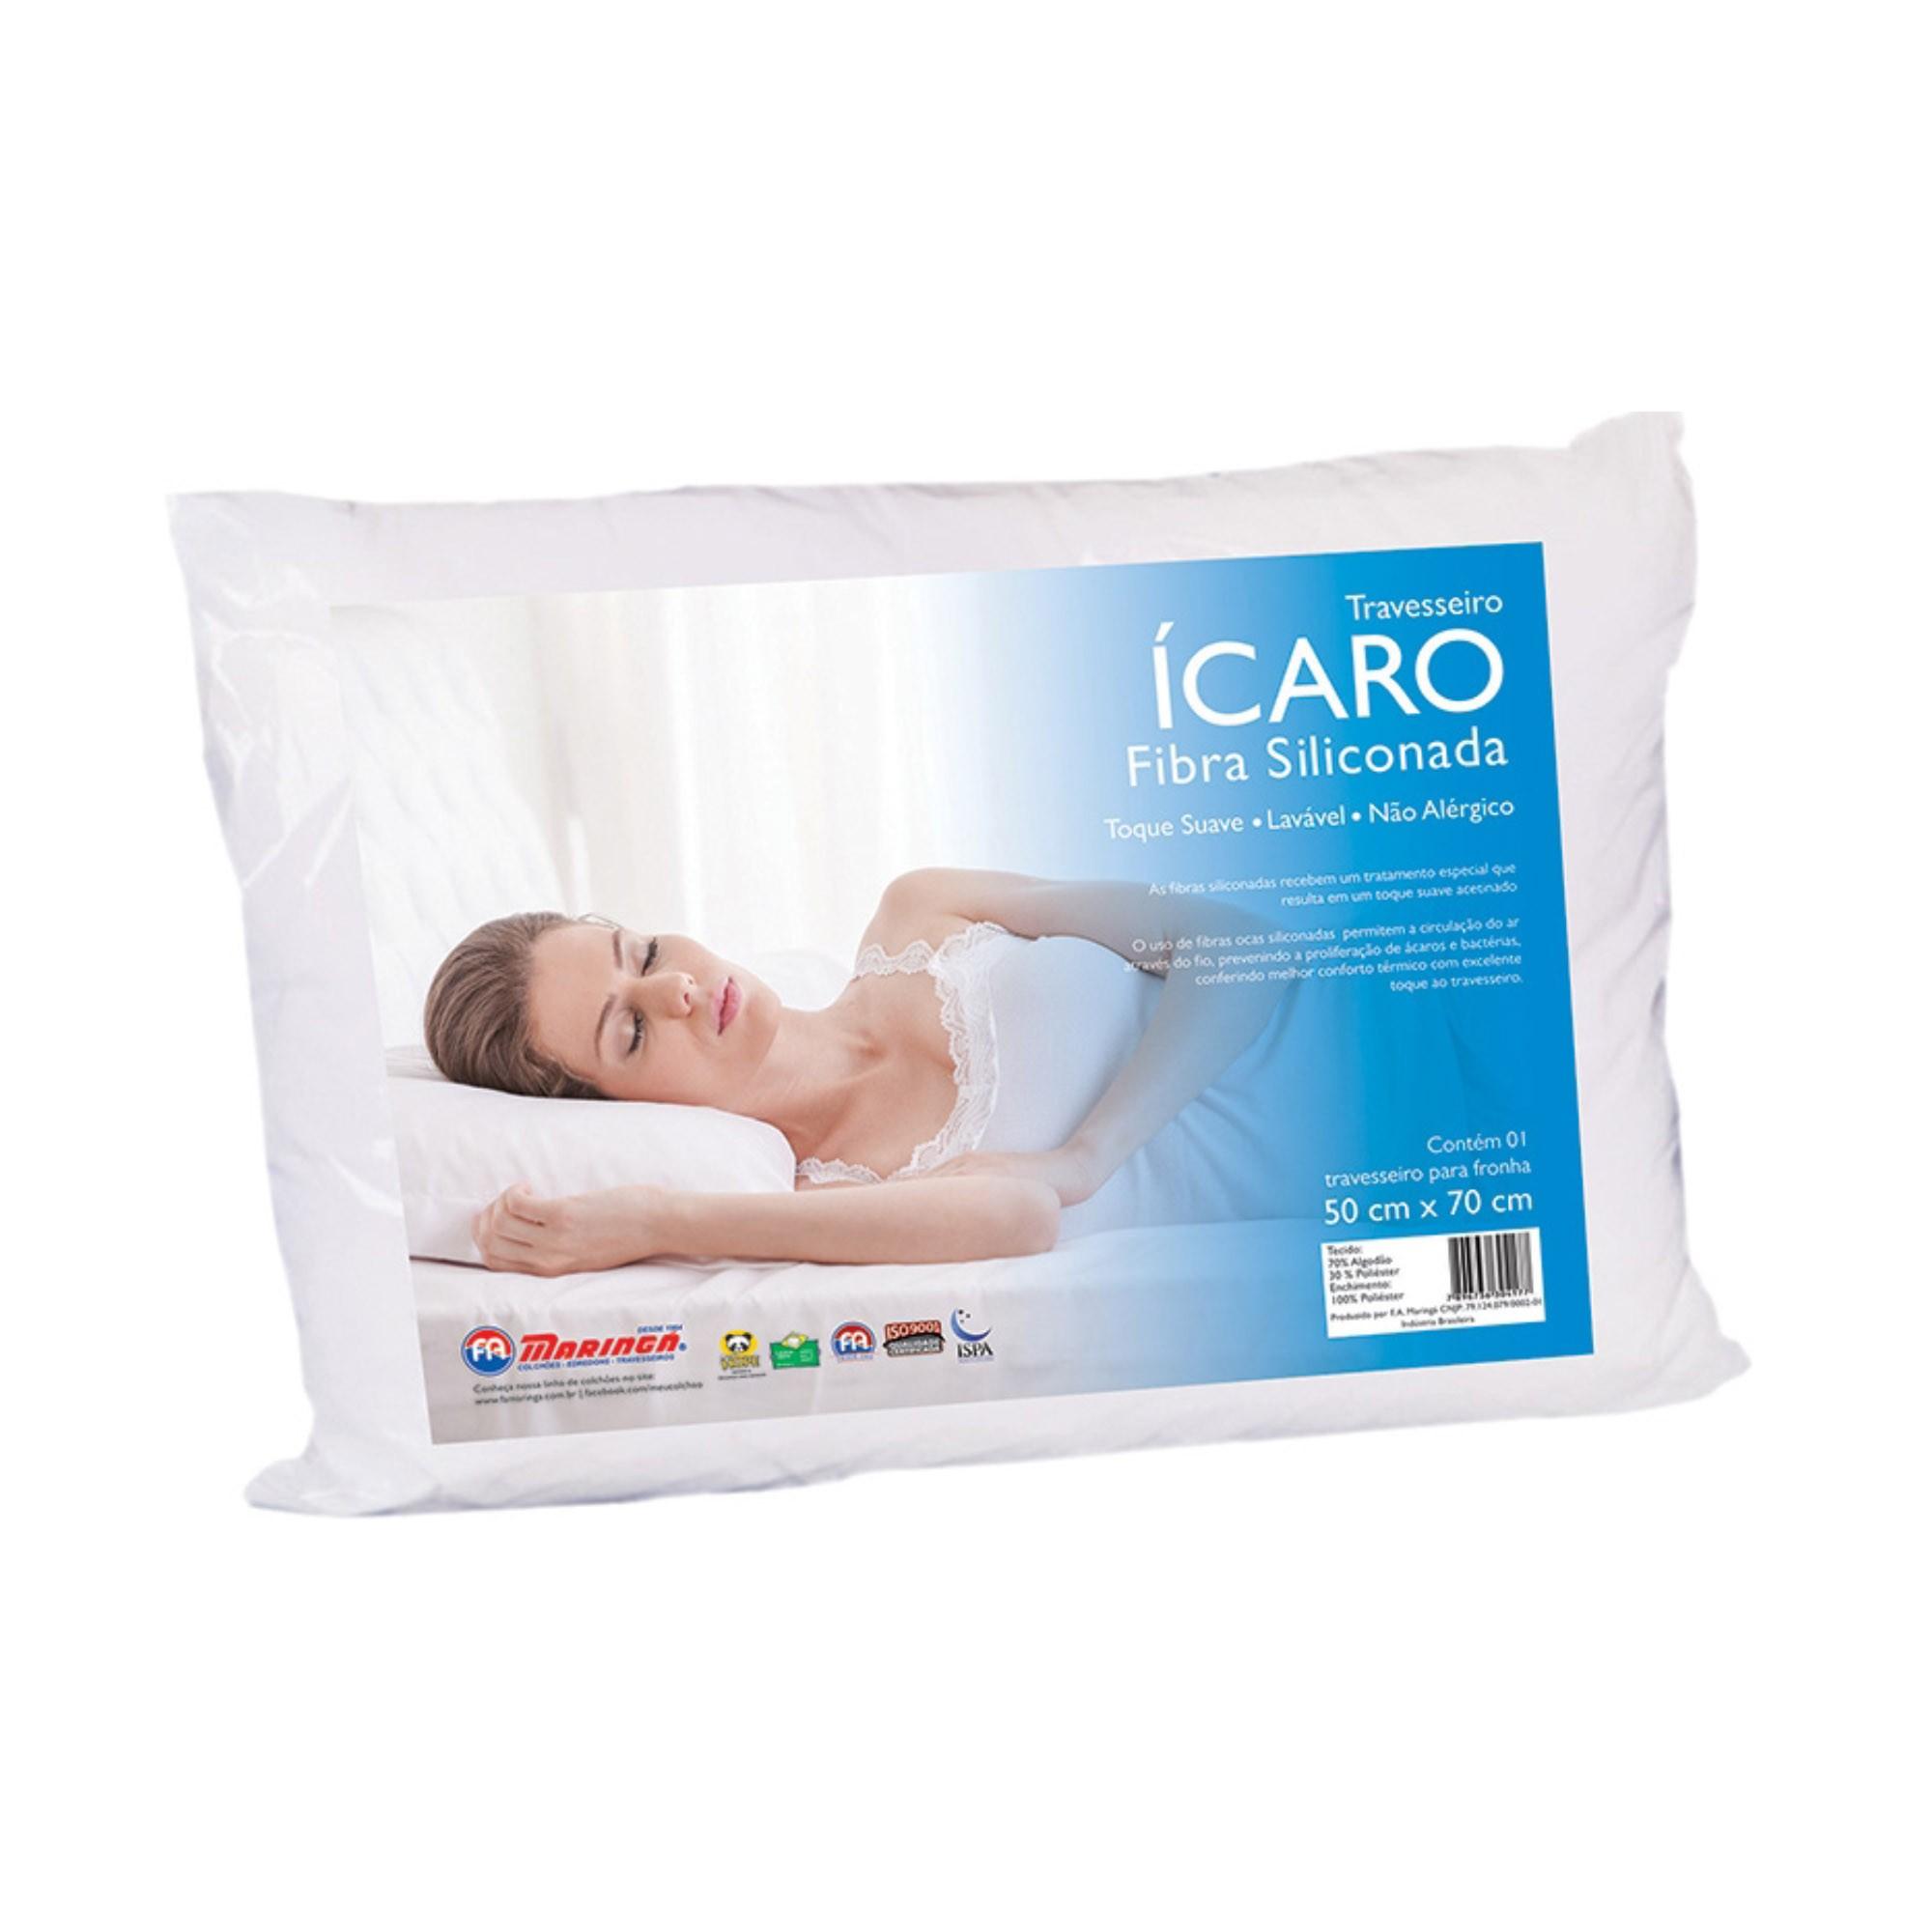 Travesseiro Ícaro, F.A. Colchões, Macio, 050 x 070 cm